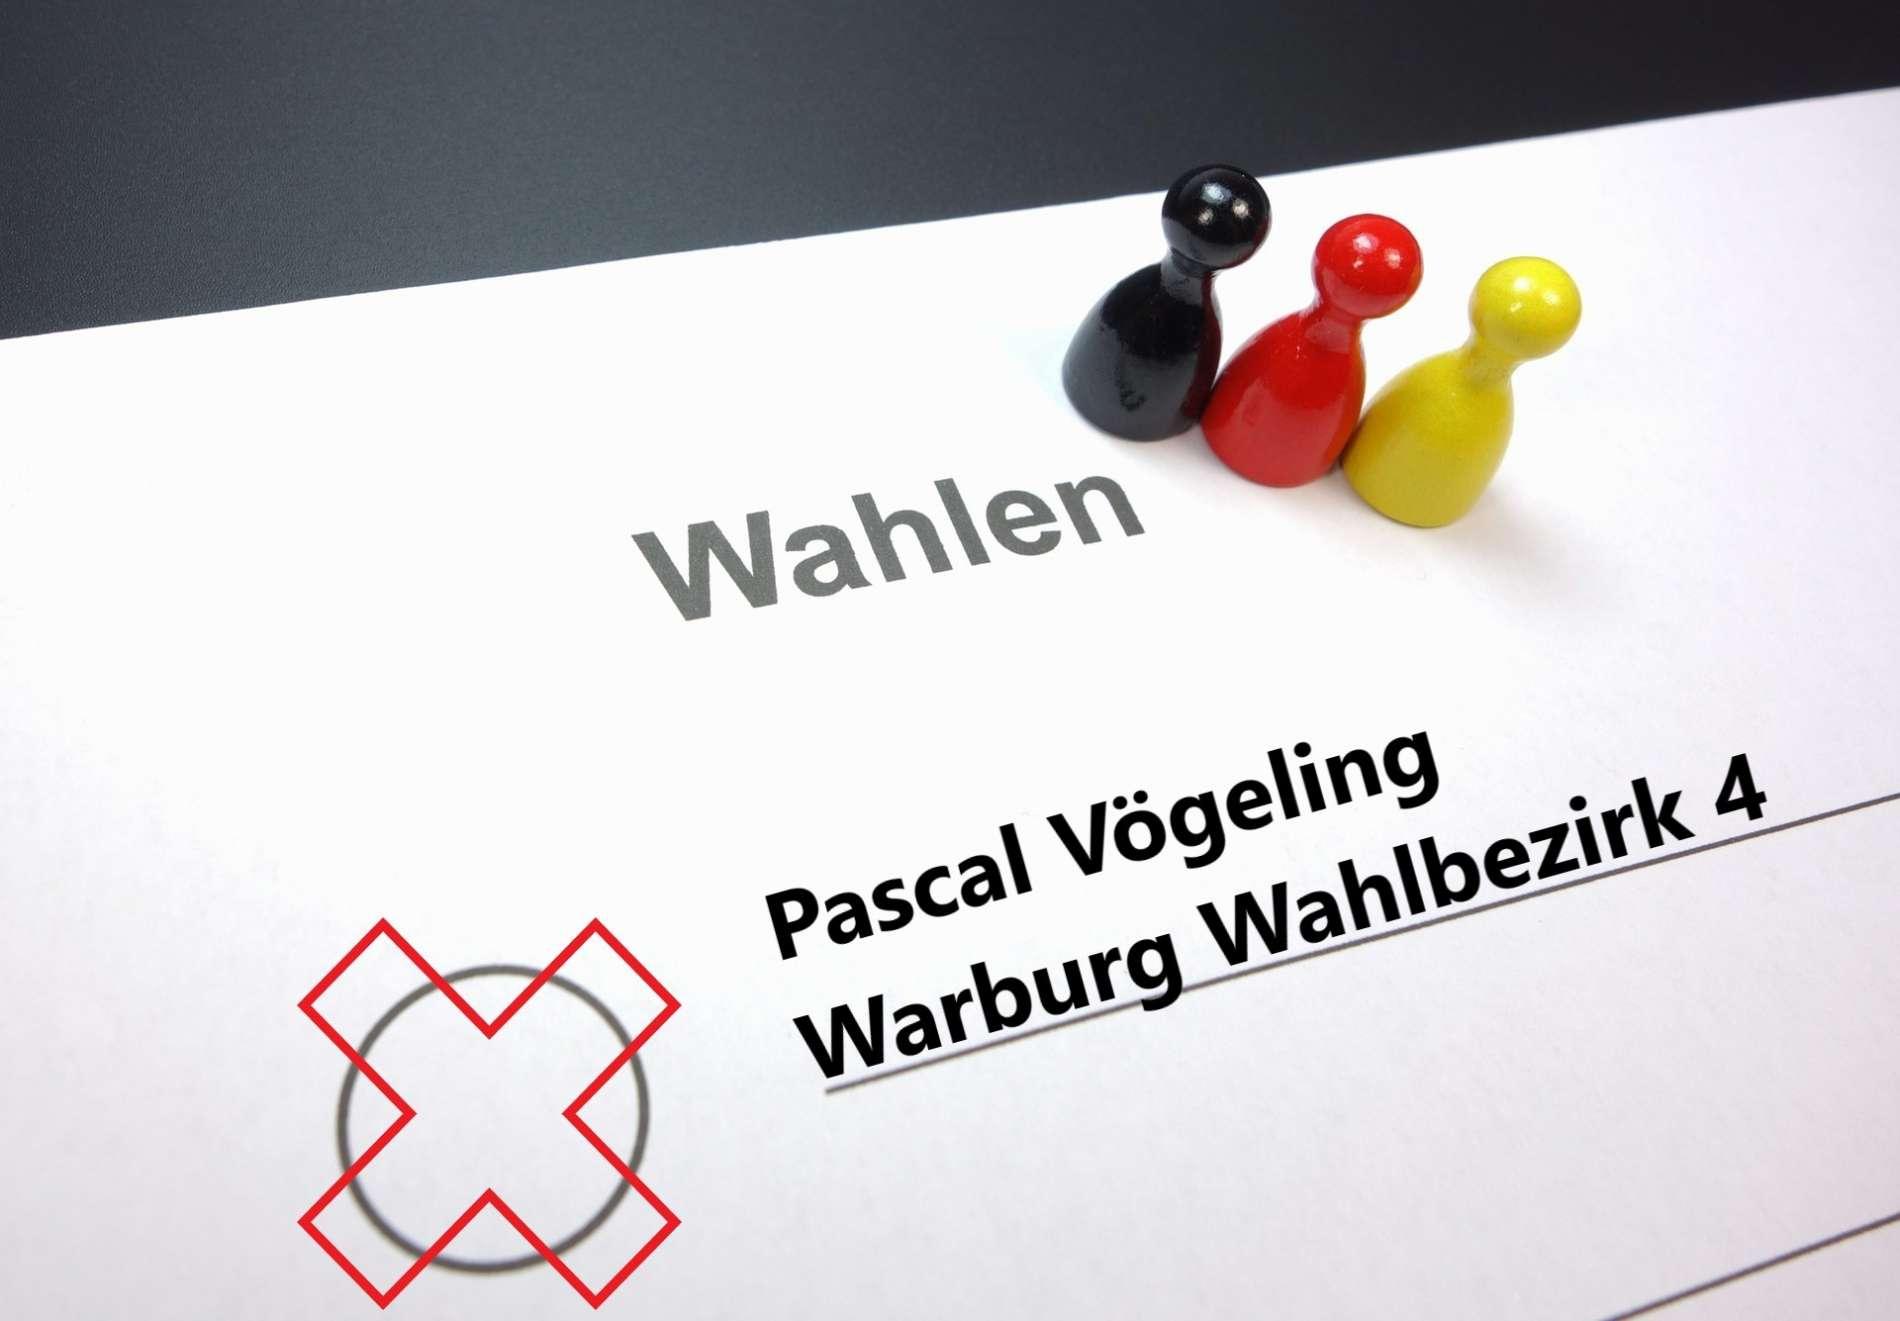 Kommunalwahlen / Gemeinderatswahlen in Warburg: Pascal Vögeling tritt im Wahlbezirk 4 an